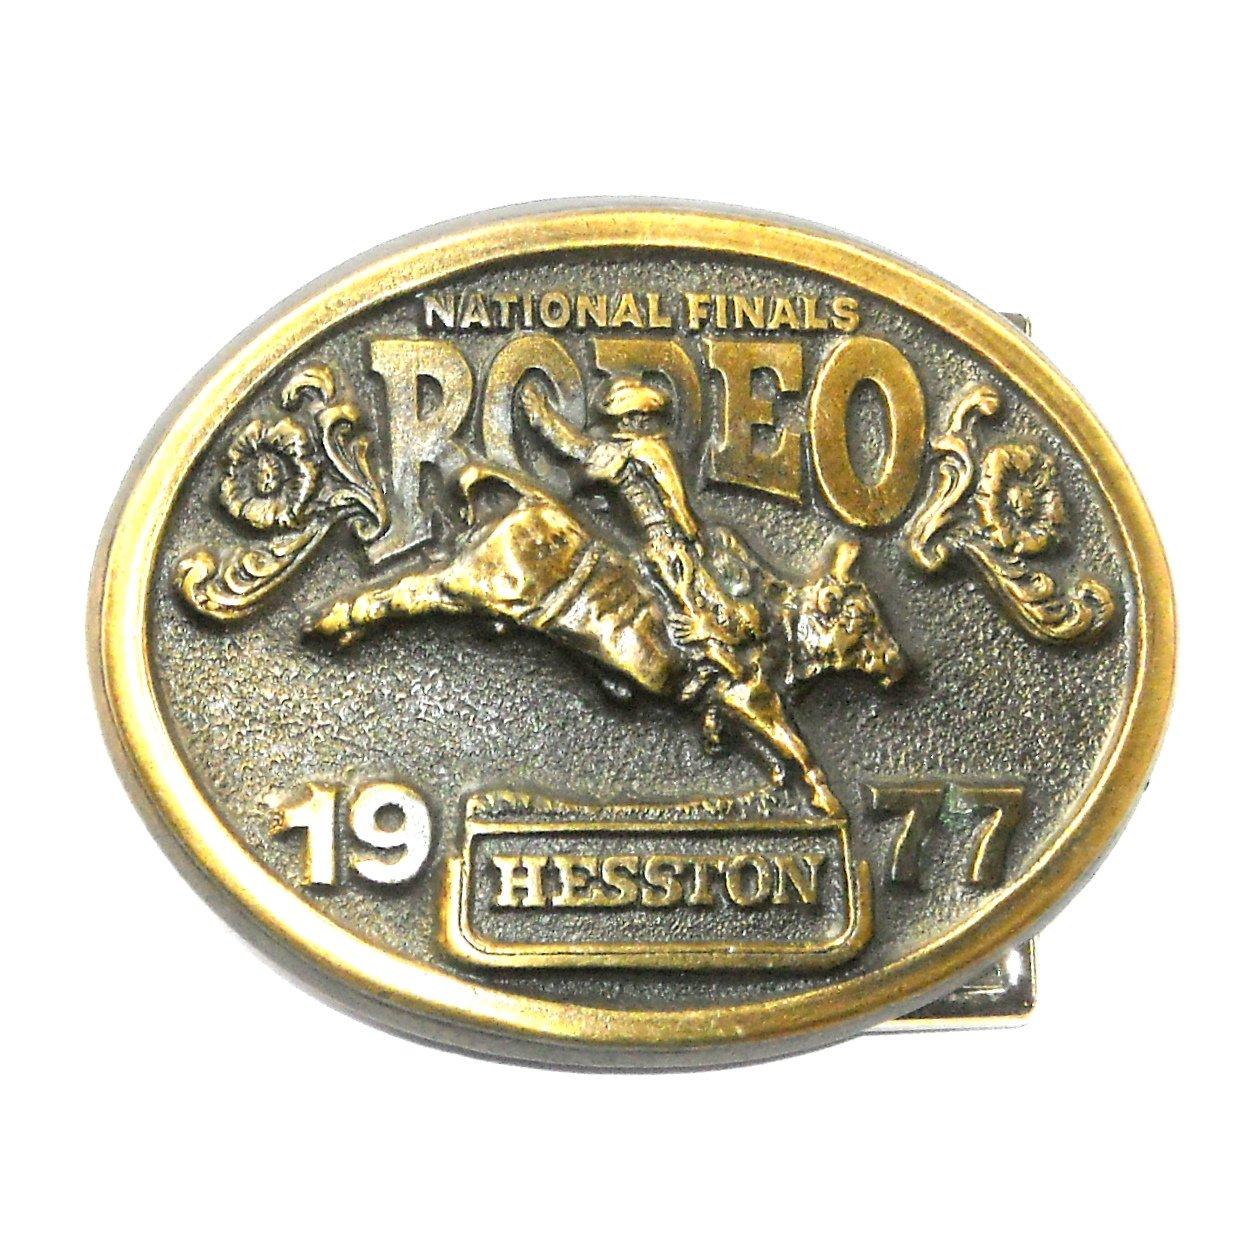 NFR Hesston 1977 National Finals Rodeo 3D Brass Belt Buckle